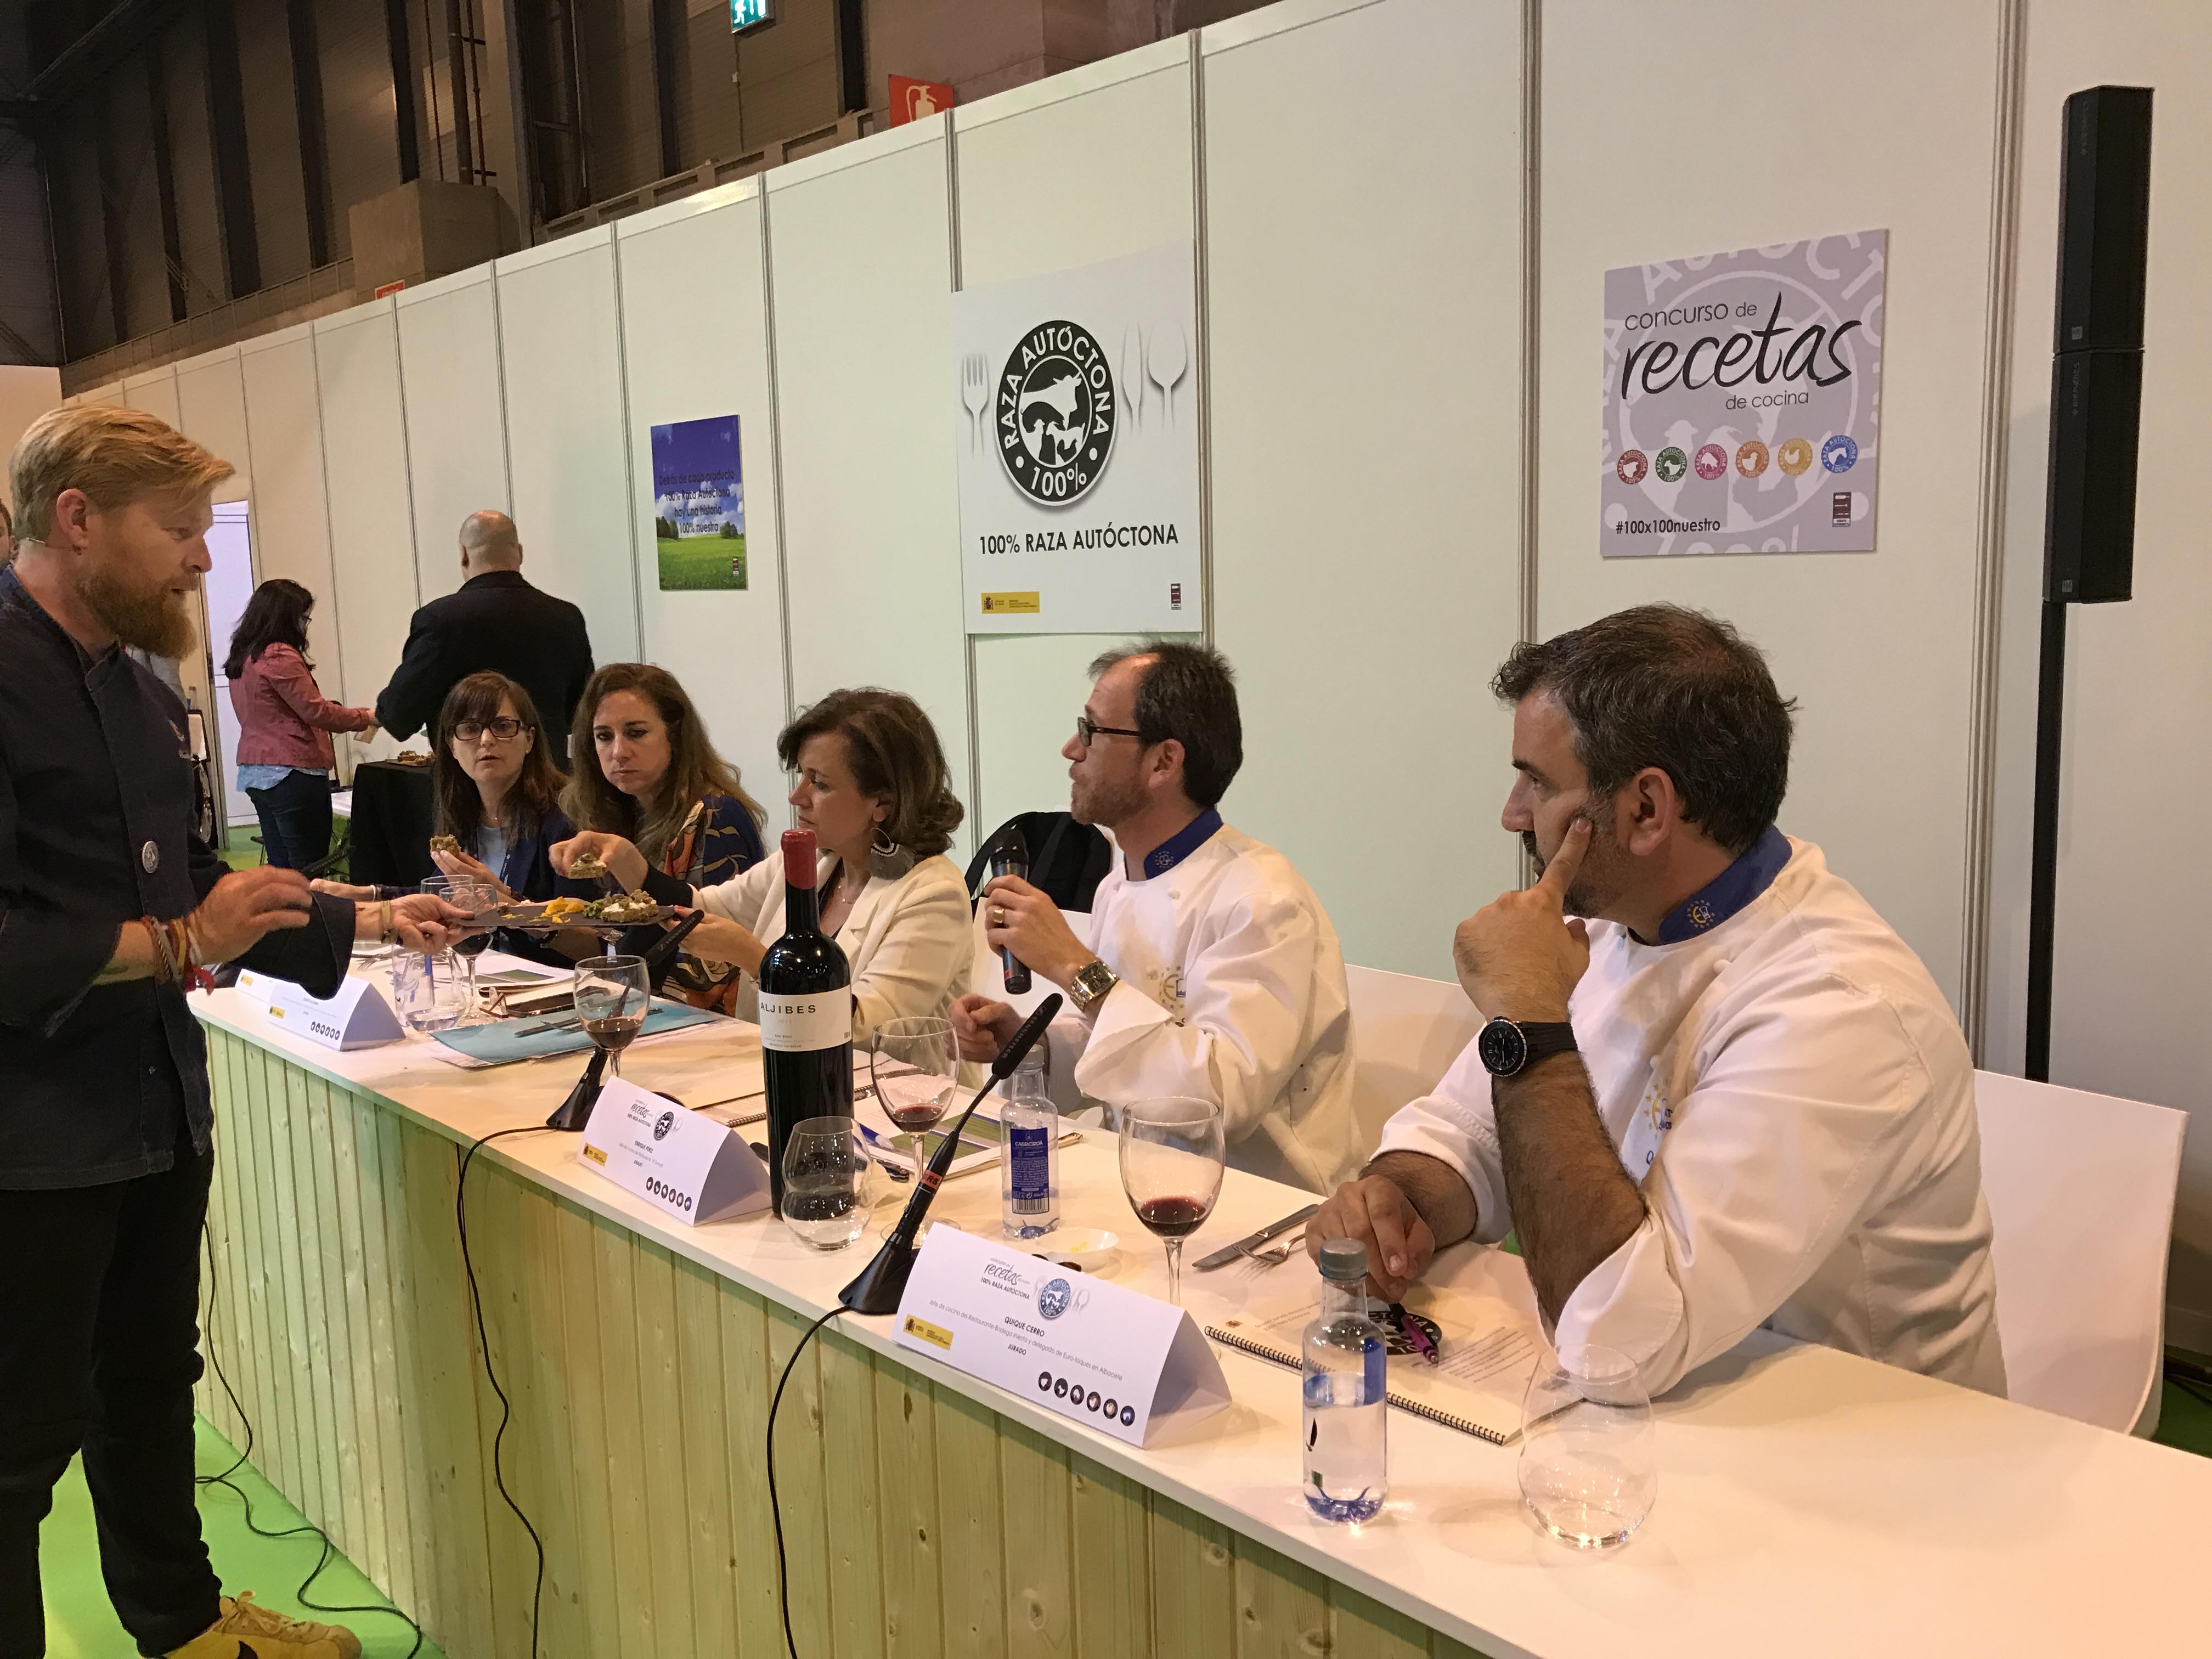 Concurso Cocina | Entrega De Premios Del Concurso De Cocina 100 Raza Autoctona